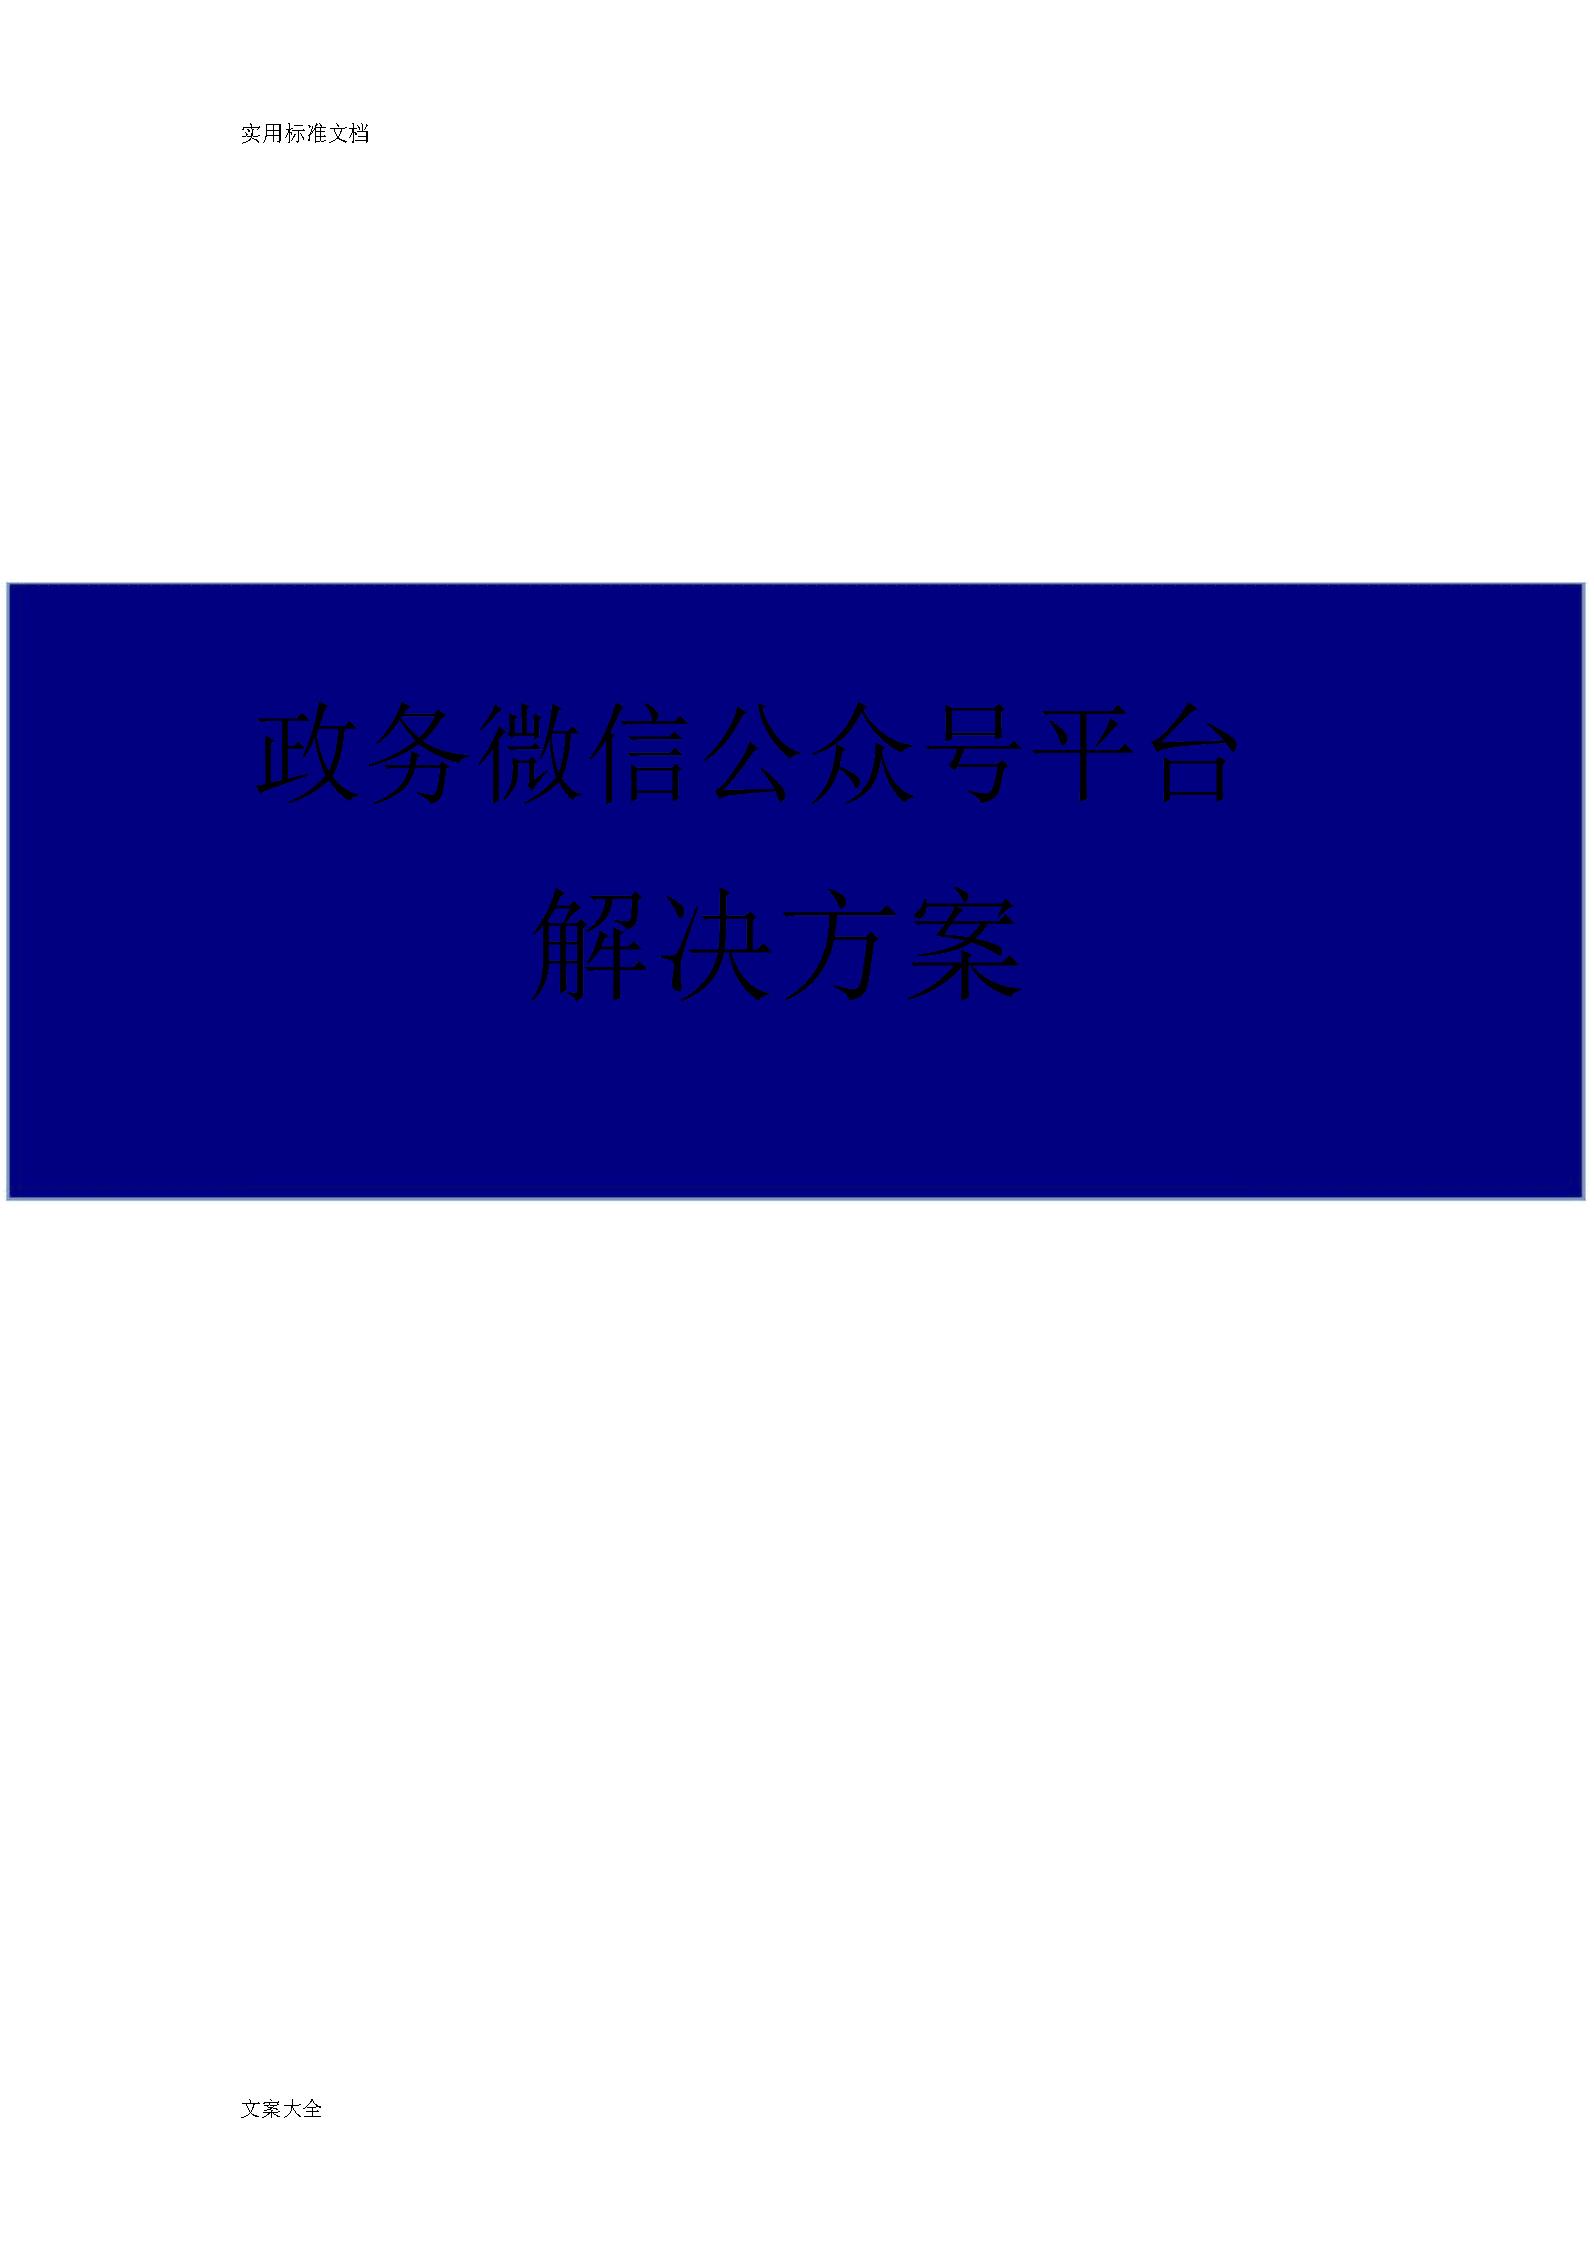 政务微信公众号平台.docx